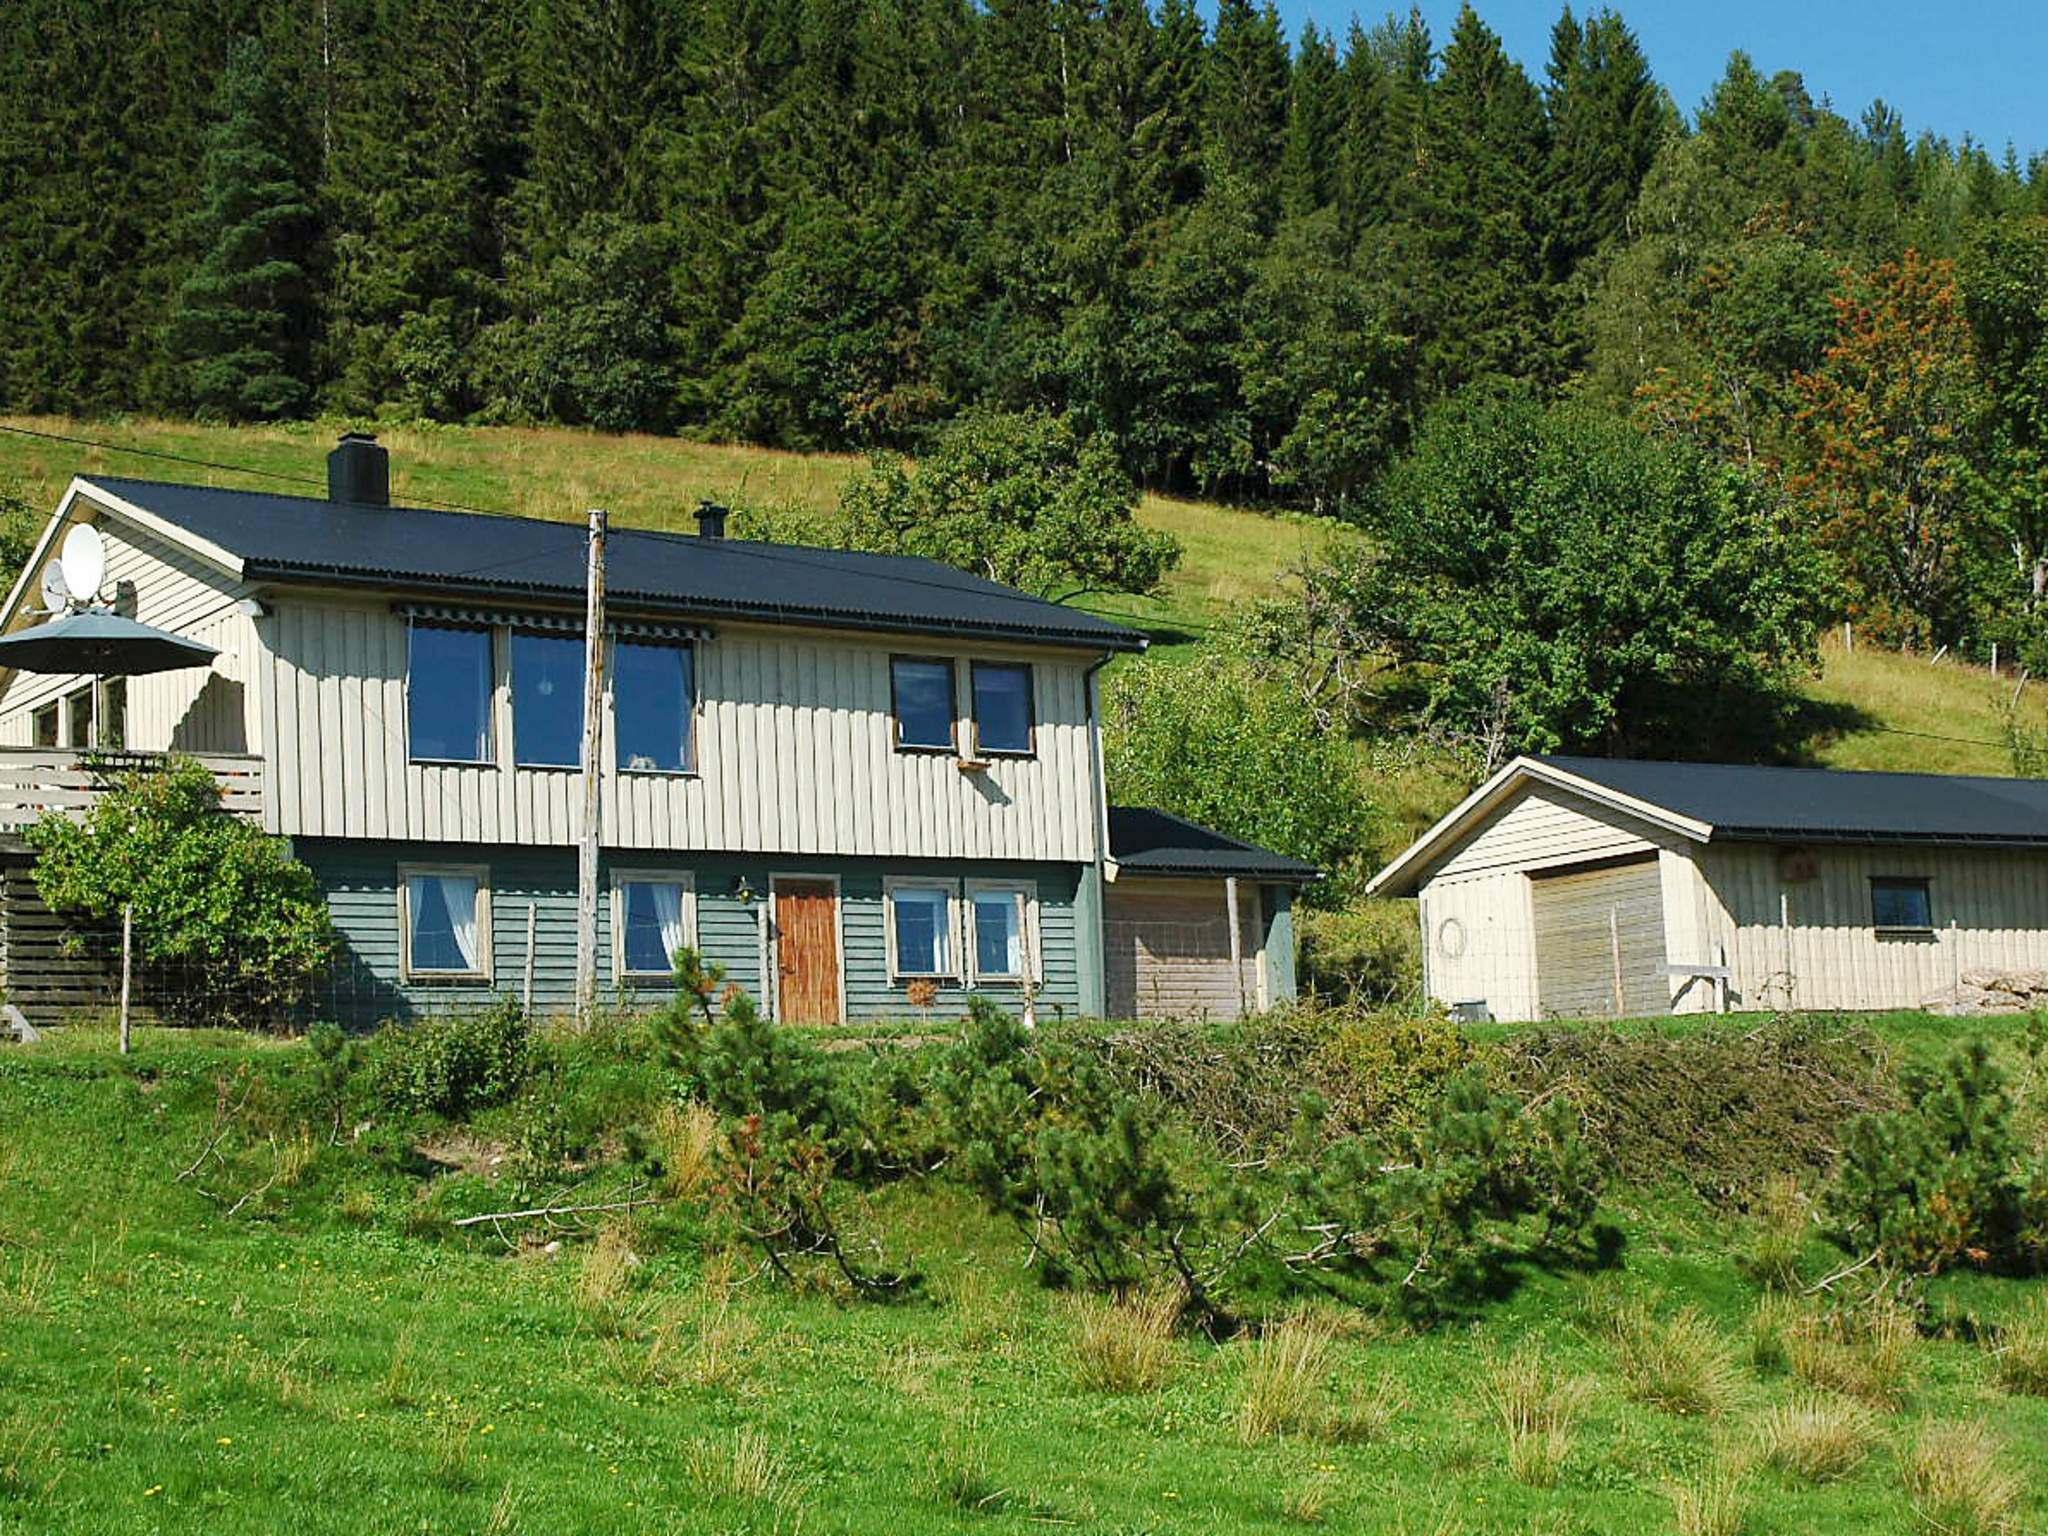 Ferienhaus Angvik (135505), Angvik, More - Romsdal, Westnorwegen, Norwegen, Bild 1